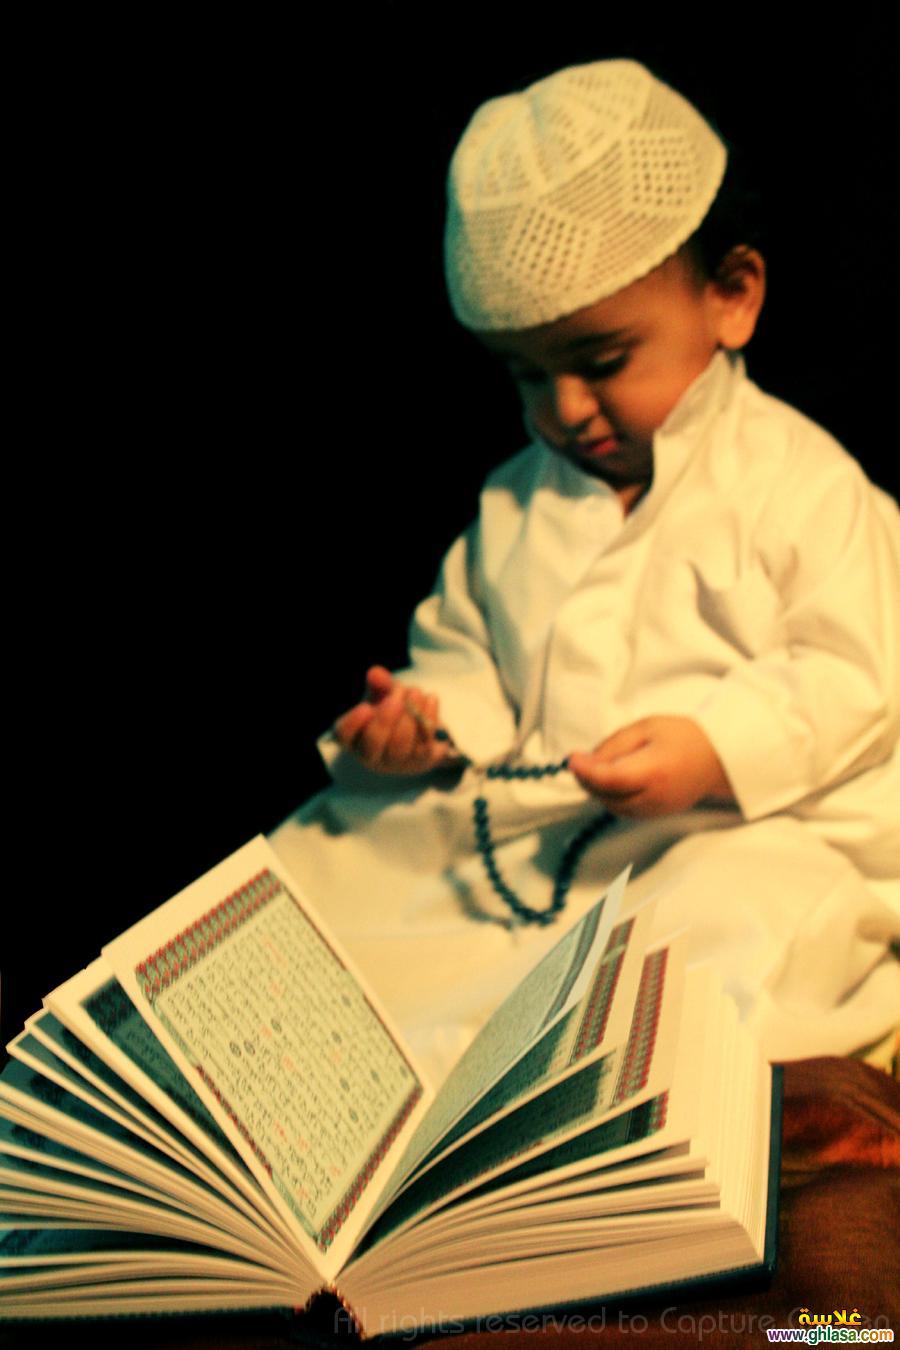 صور خلفيات اسلامية عالية الجودة 1439 ، صور اسلامية للتصميم hd 2019 ghlasa1383537400276.jpg